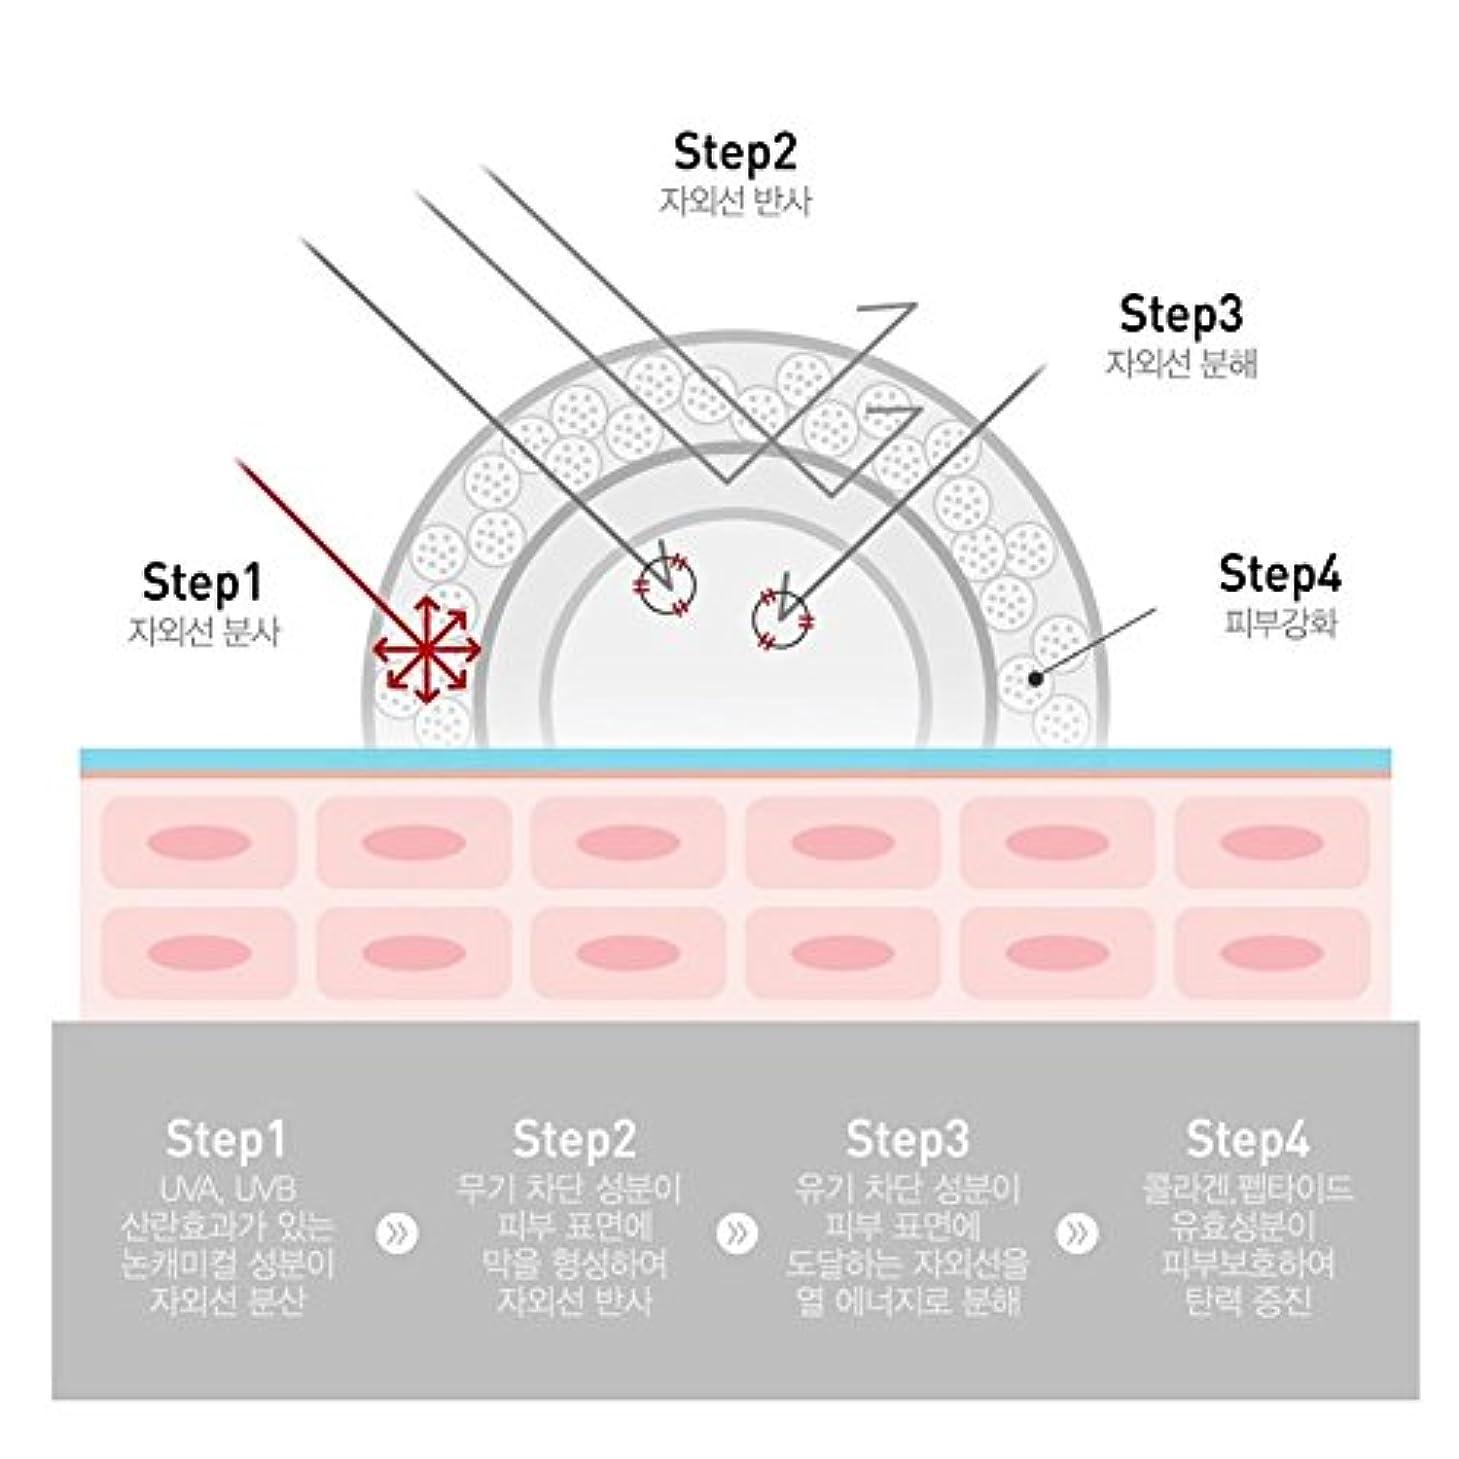 悔い改める硬い単位セルピュチョンCレーザーサンスクリーン100(SPF50+/PA+++)50ml、Cell Fusion C Laser Sunscreen 100 (SPF50+ / PA+++) 50ml [並行輸入品]